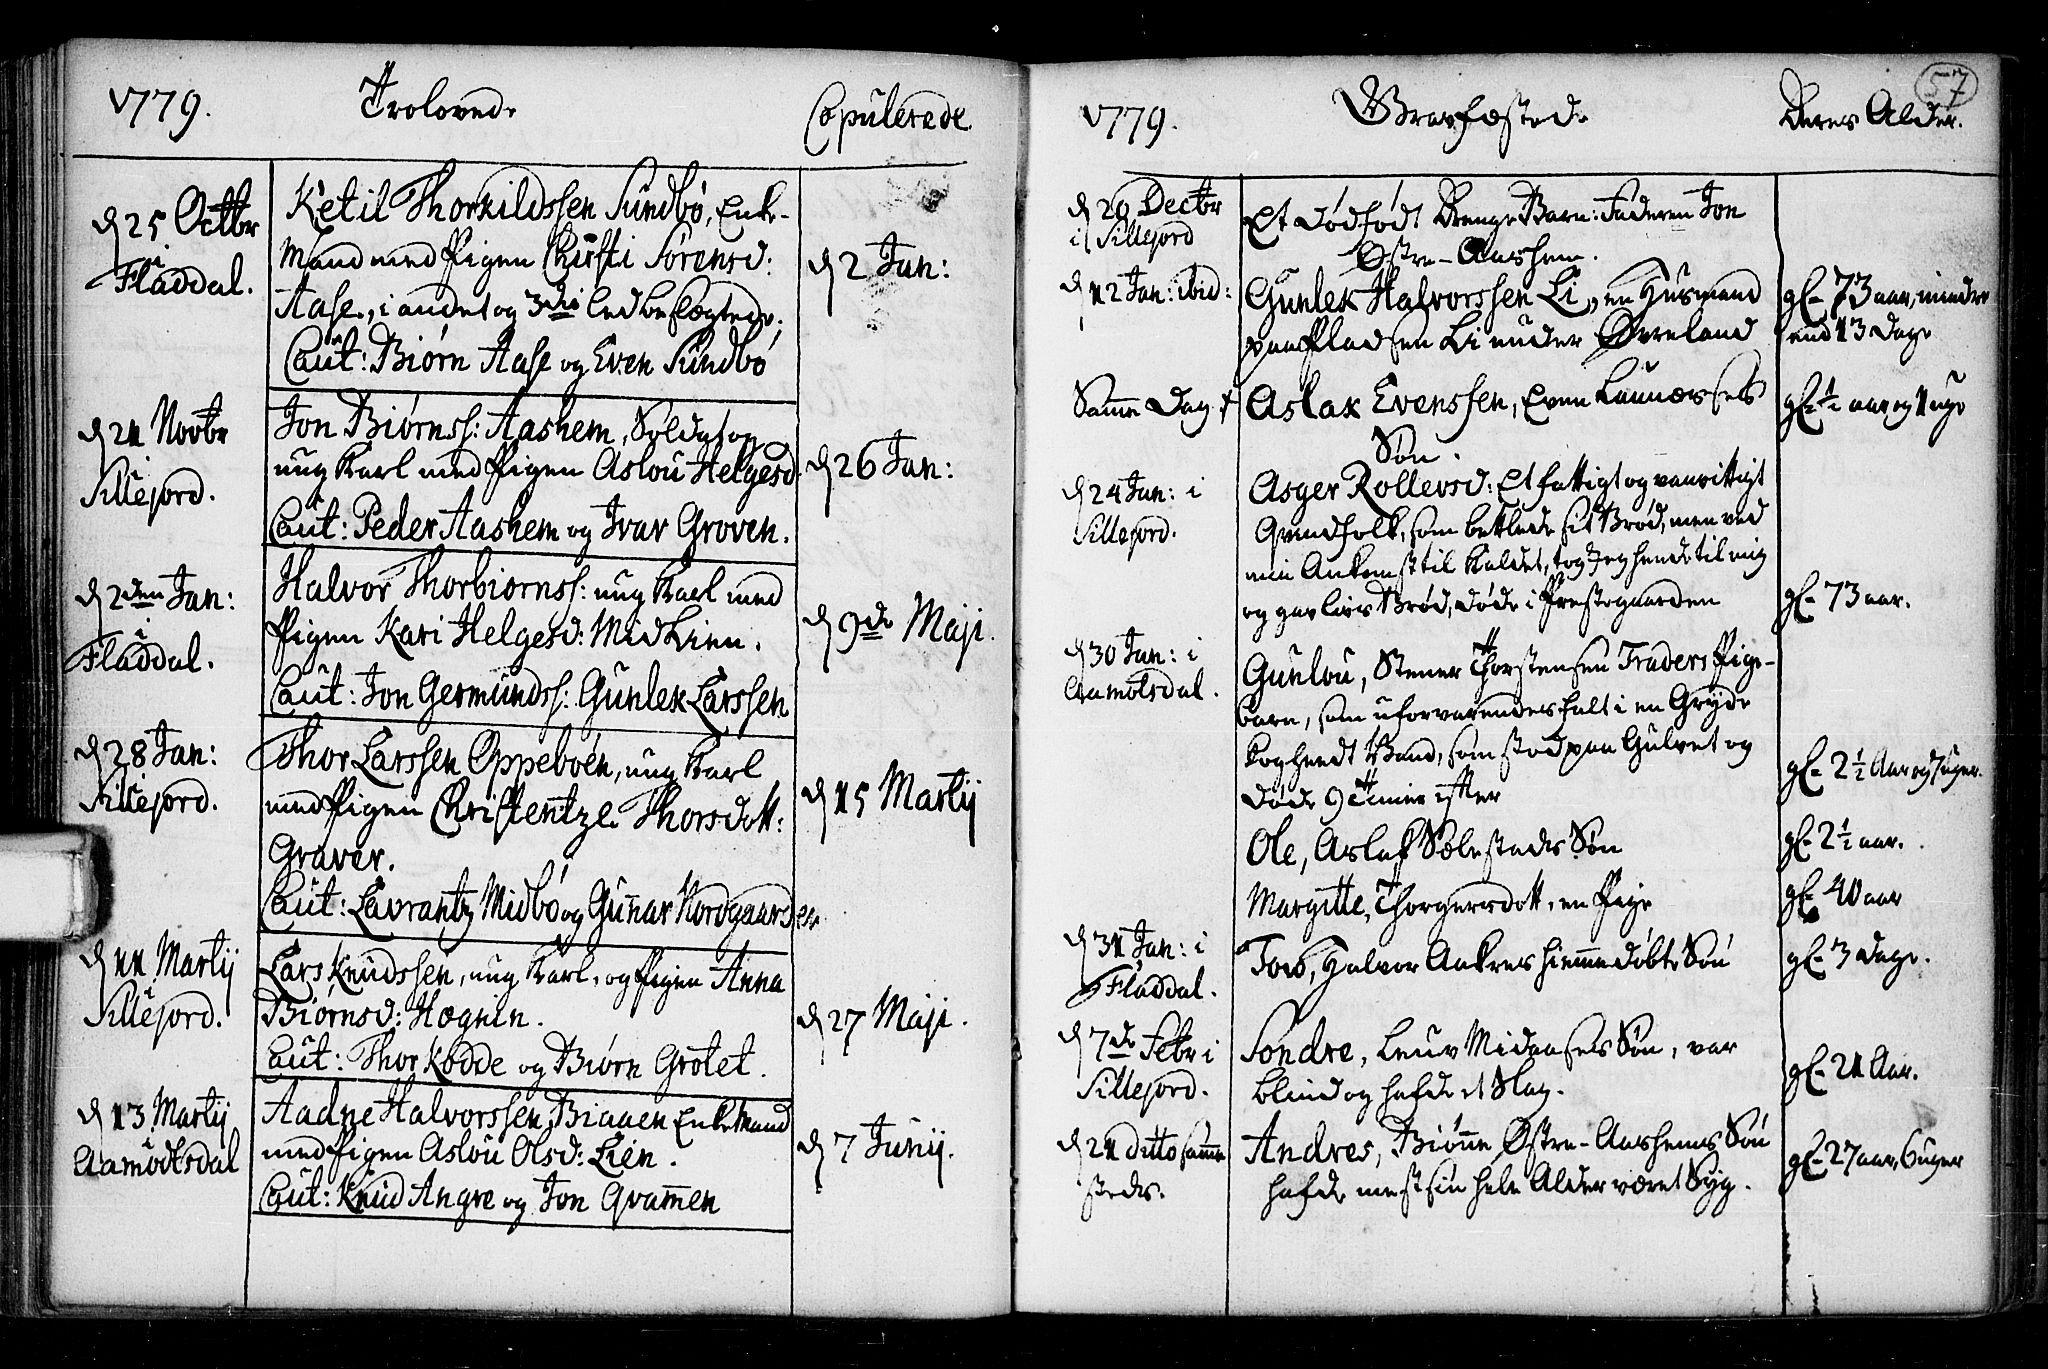 SAKO, Seljord kirkebøker, F/Fa/L0008: Ministerialbok nr. I 8, 1755-1814, s. 57